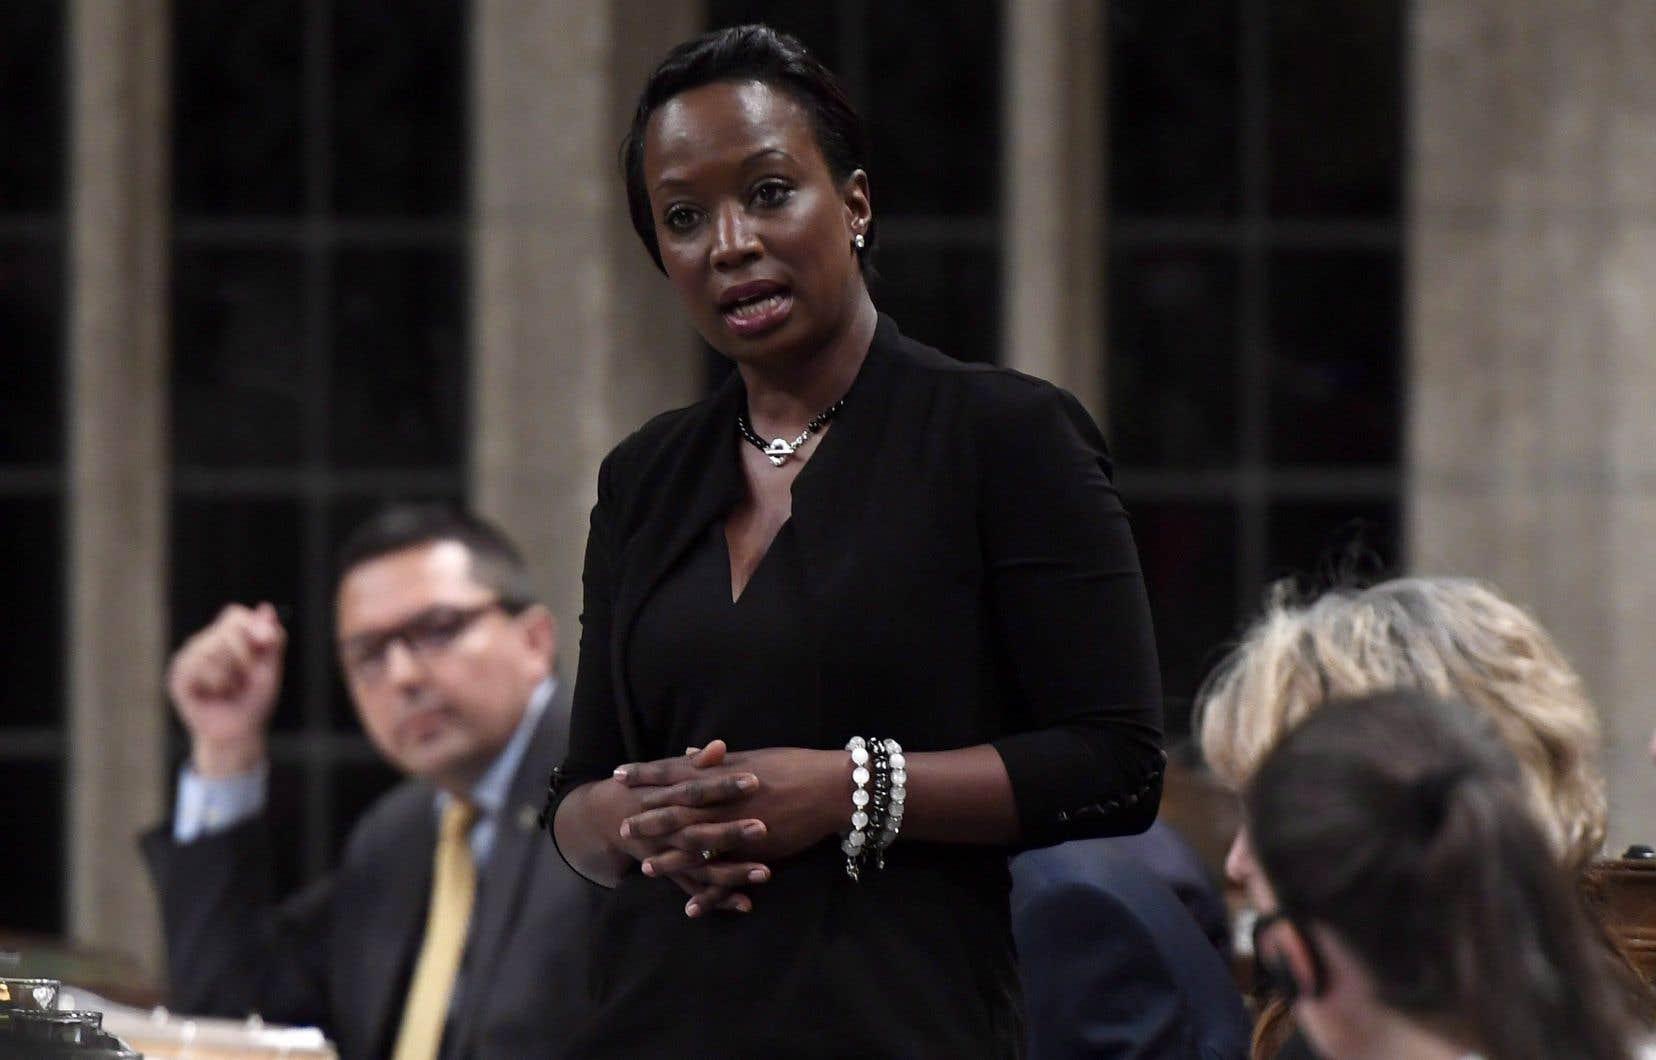 La députée libérale ontarienne Celina Caesar-Chavannes